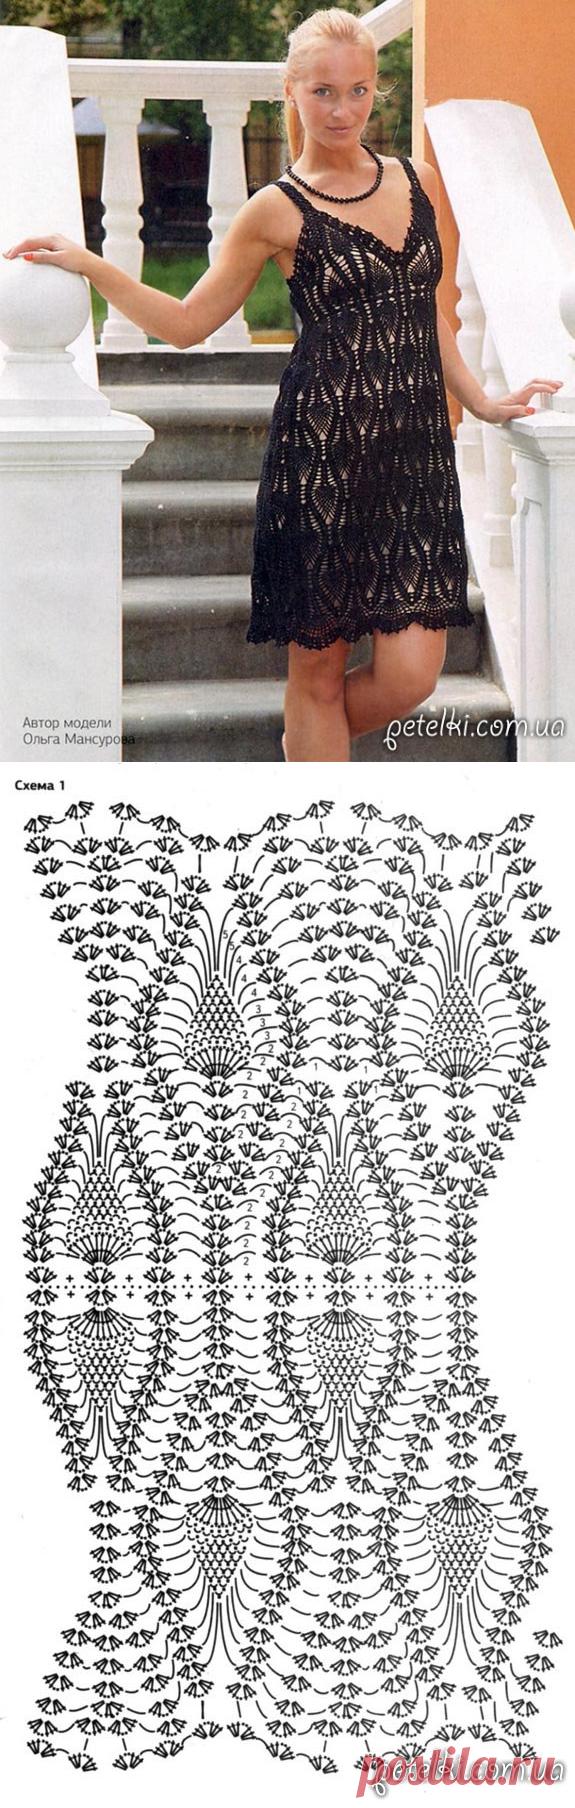 если платье с ананасами крючком фото путешествий массовых